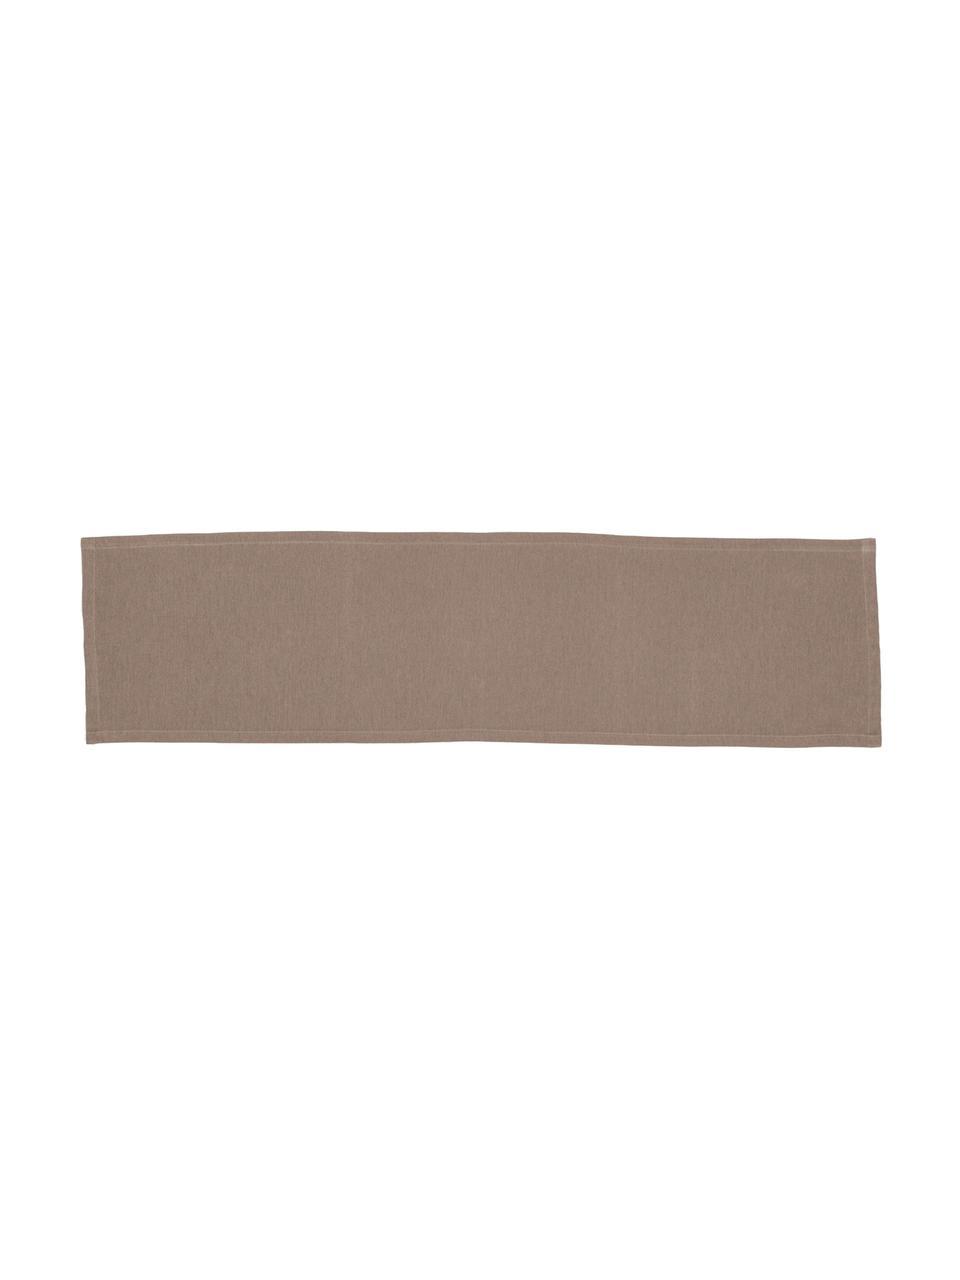 Tischläufer Riva aus Baumwollgemisch in Braun, 55%Baumwolle, 45%Polyester, Taupe, 40 x 150 cm